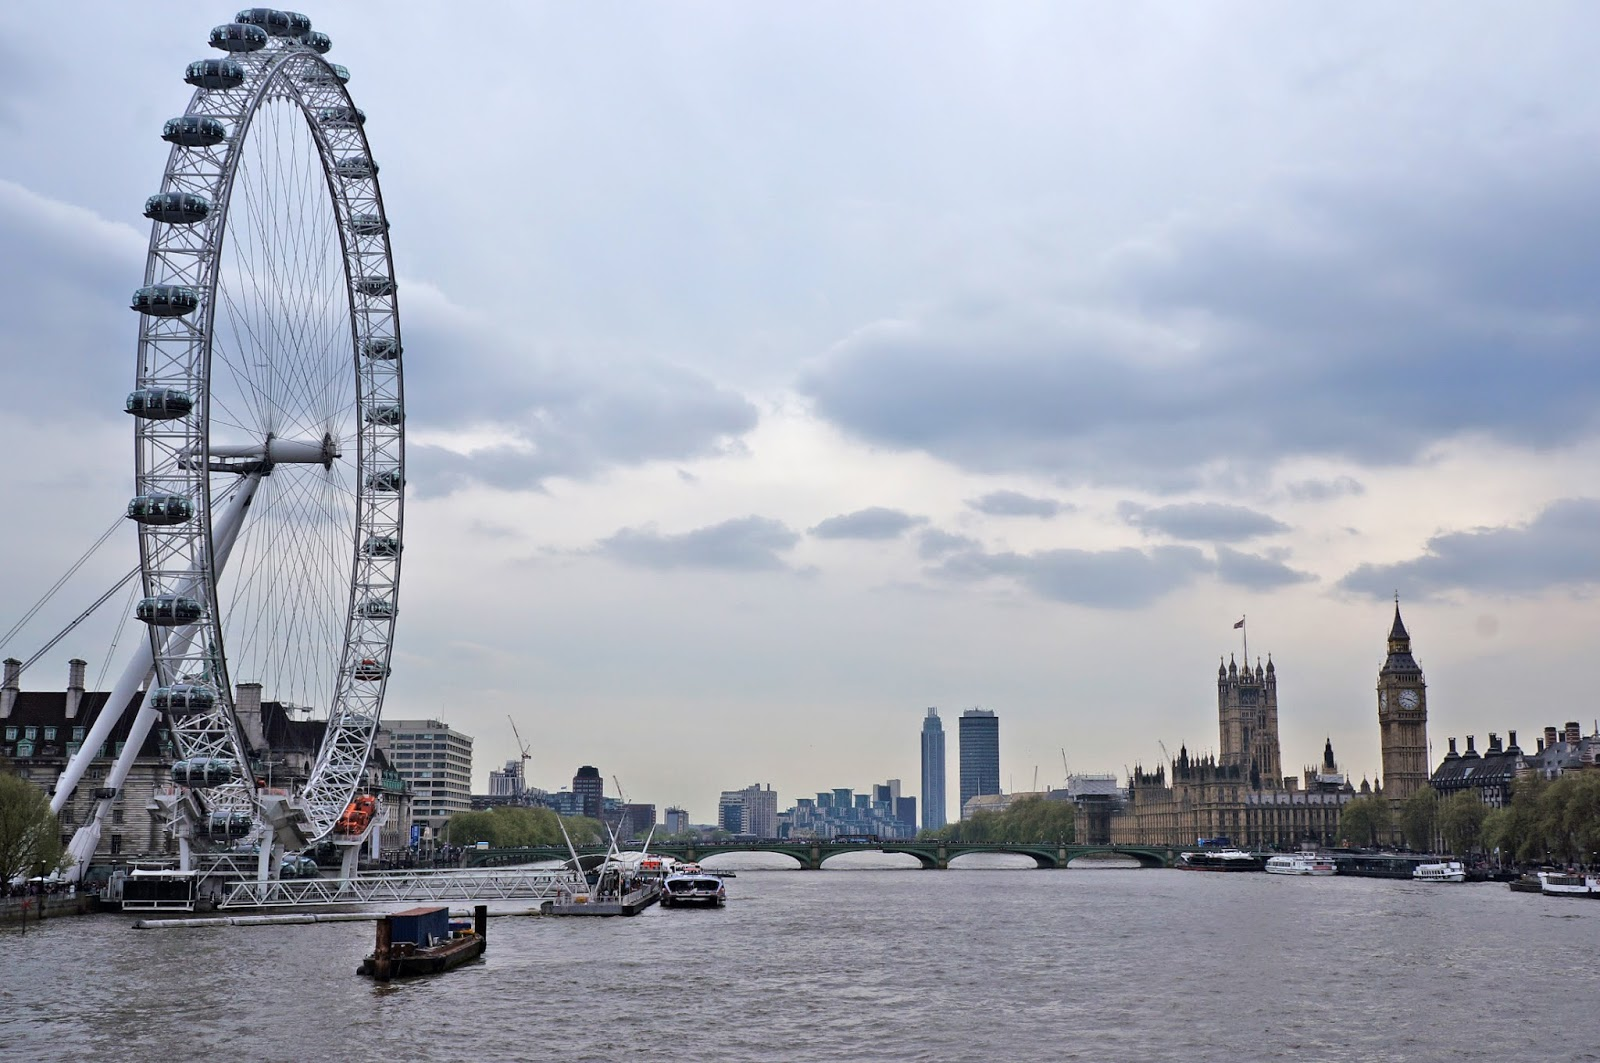 Viaje a Londres. Algunas fotografías del viaje a la gran ciudad